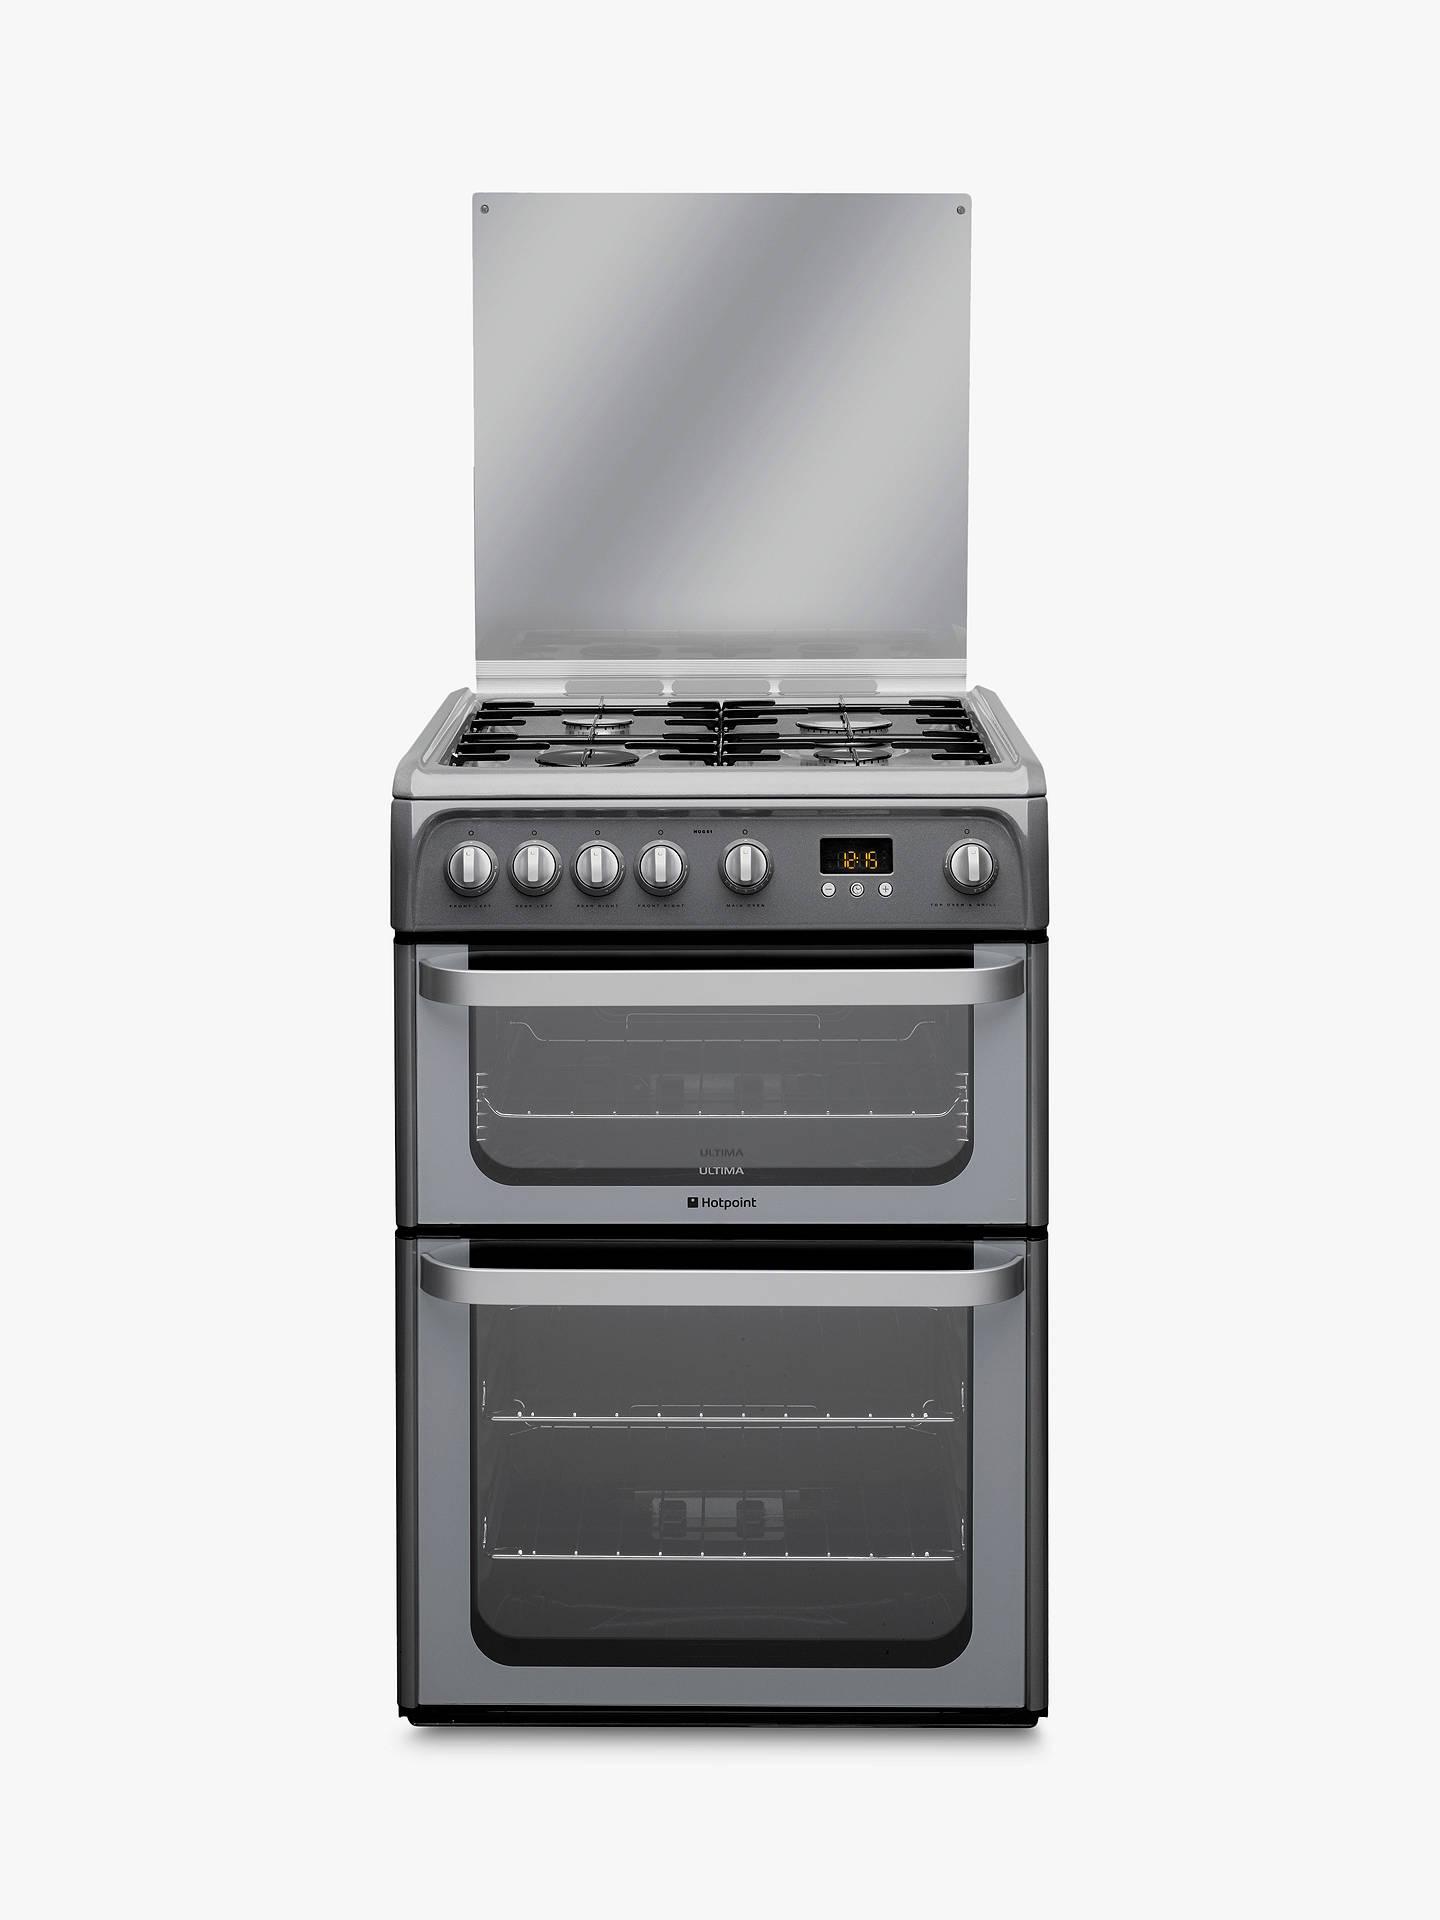 hotpoint hug61g ultima gas cooker graphite at john lewis. Black Bedroom Furniture Sets. Home Design Ideas